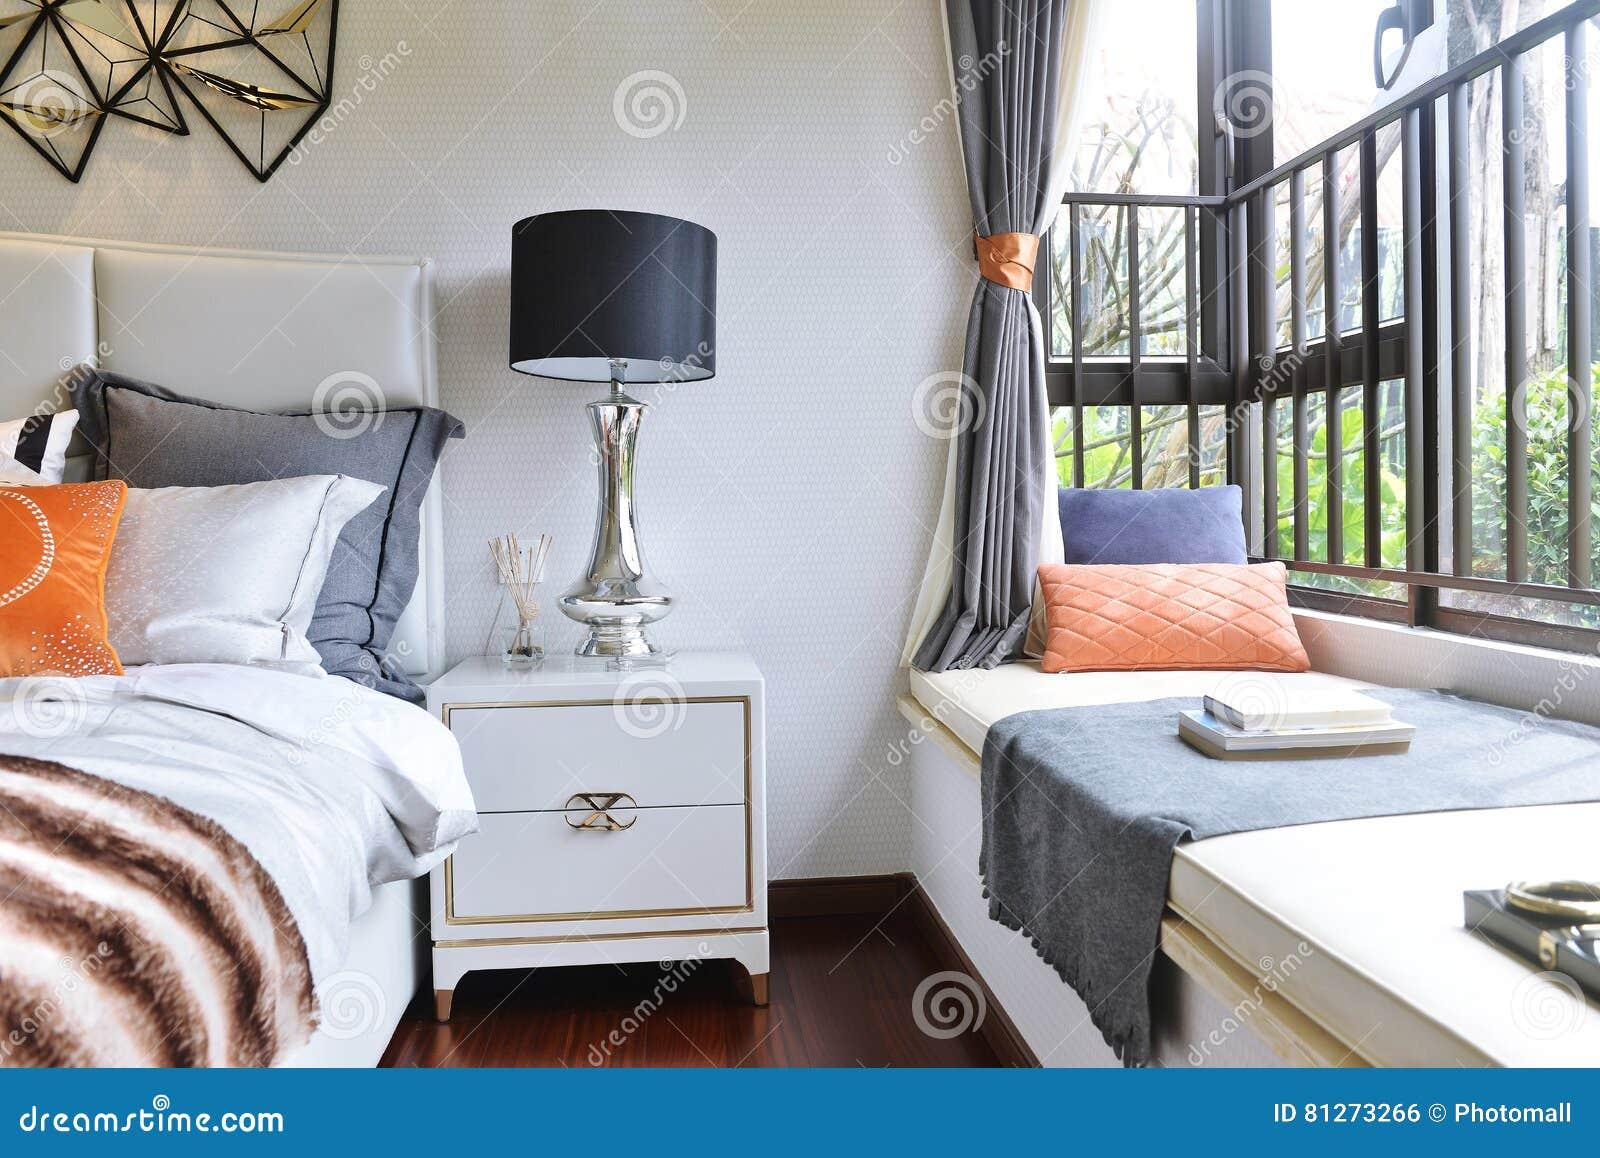 Dormitorio casero de lujo